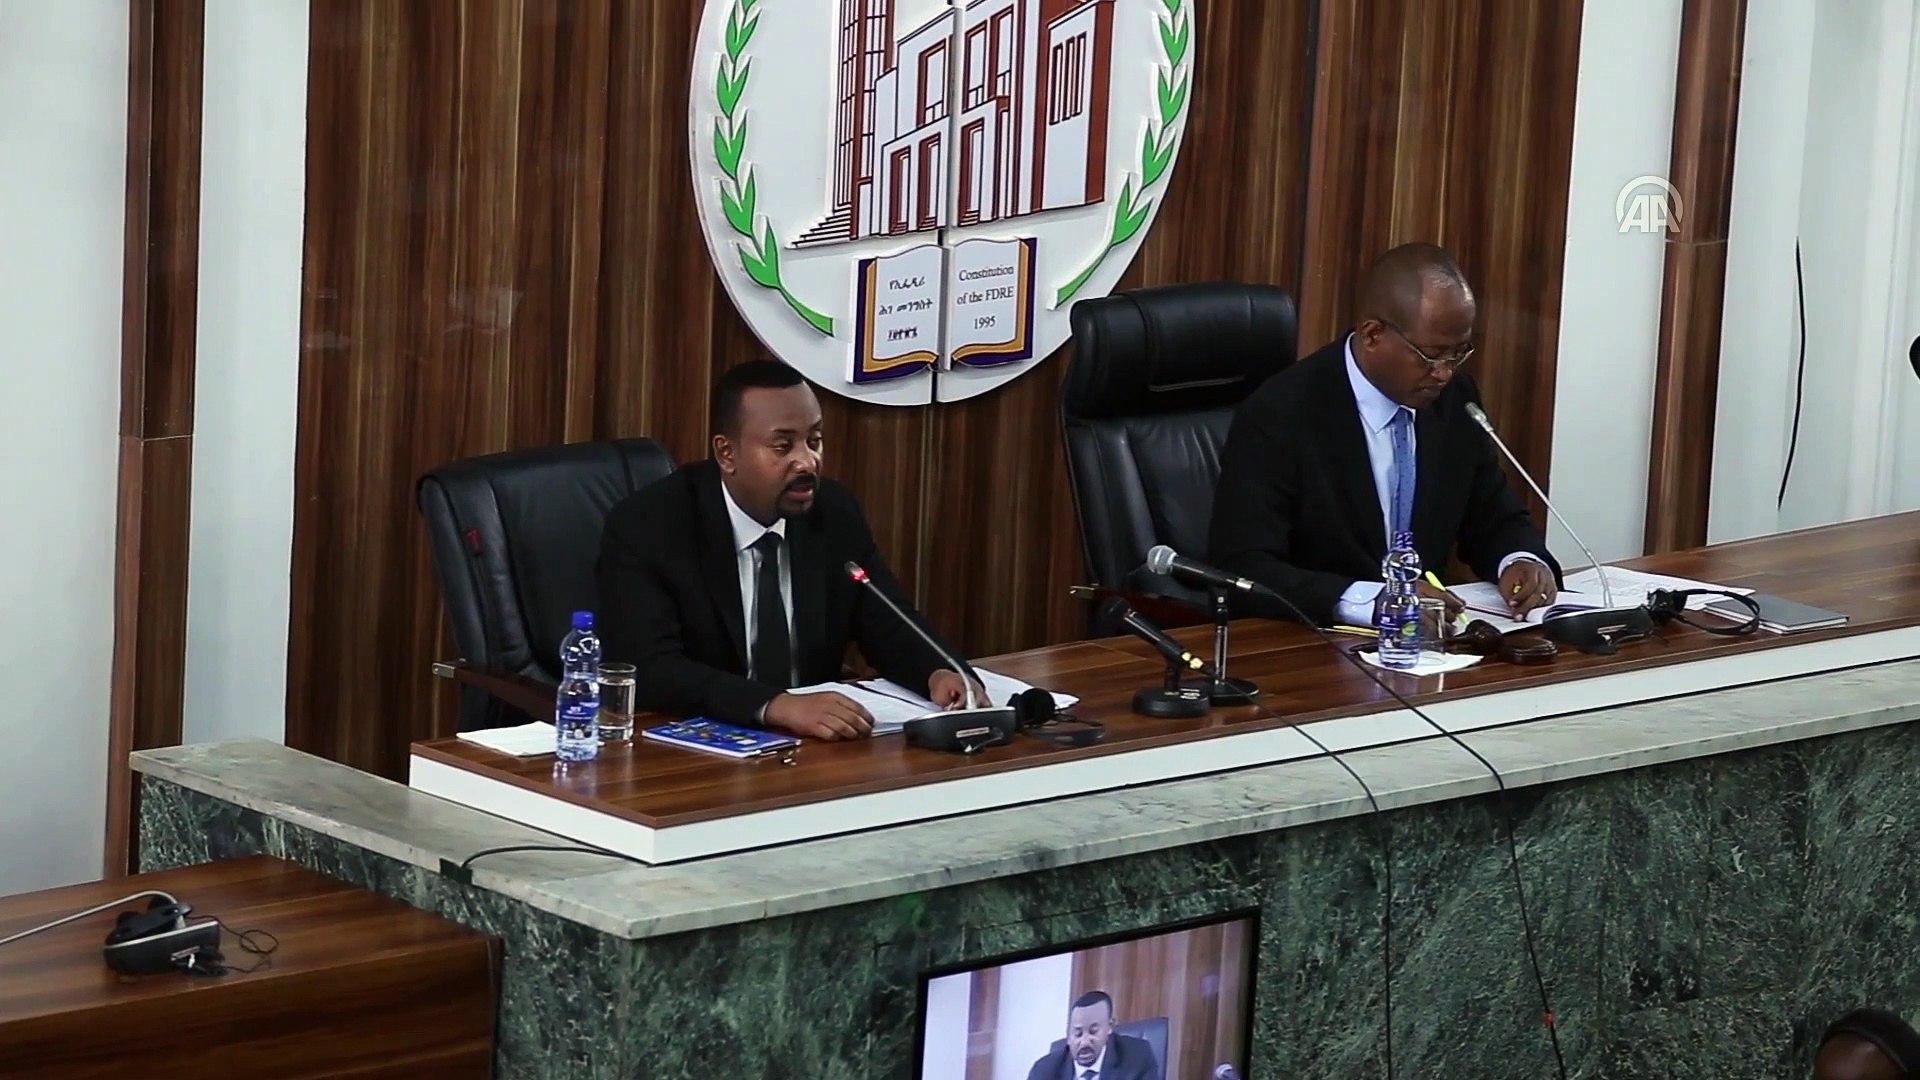 Etiyopya'daki yerel yönetimi ele geçirme girişimi - ADDİS ABABA